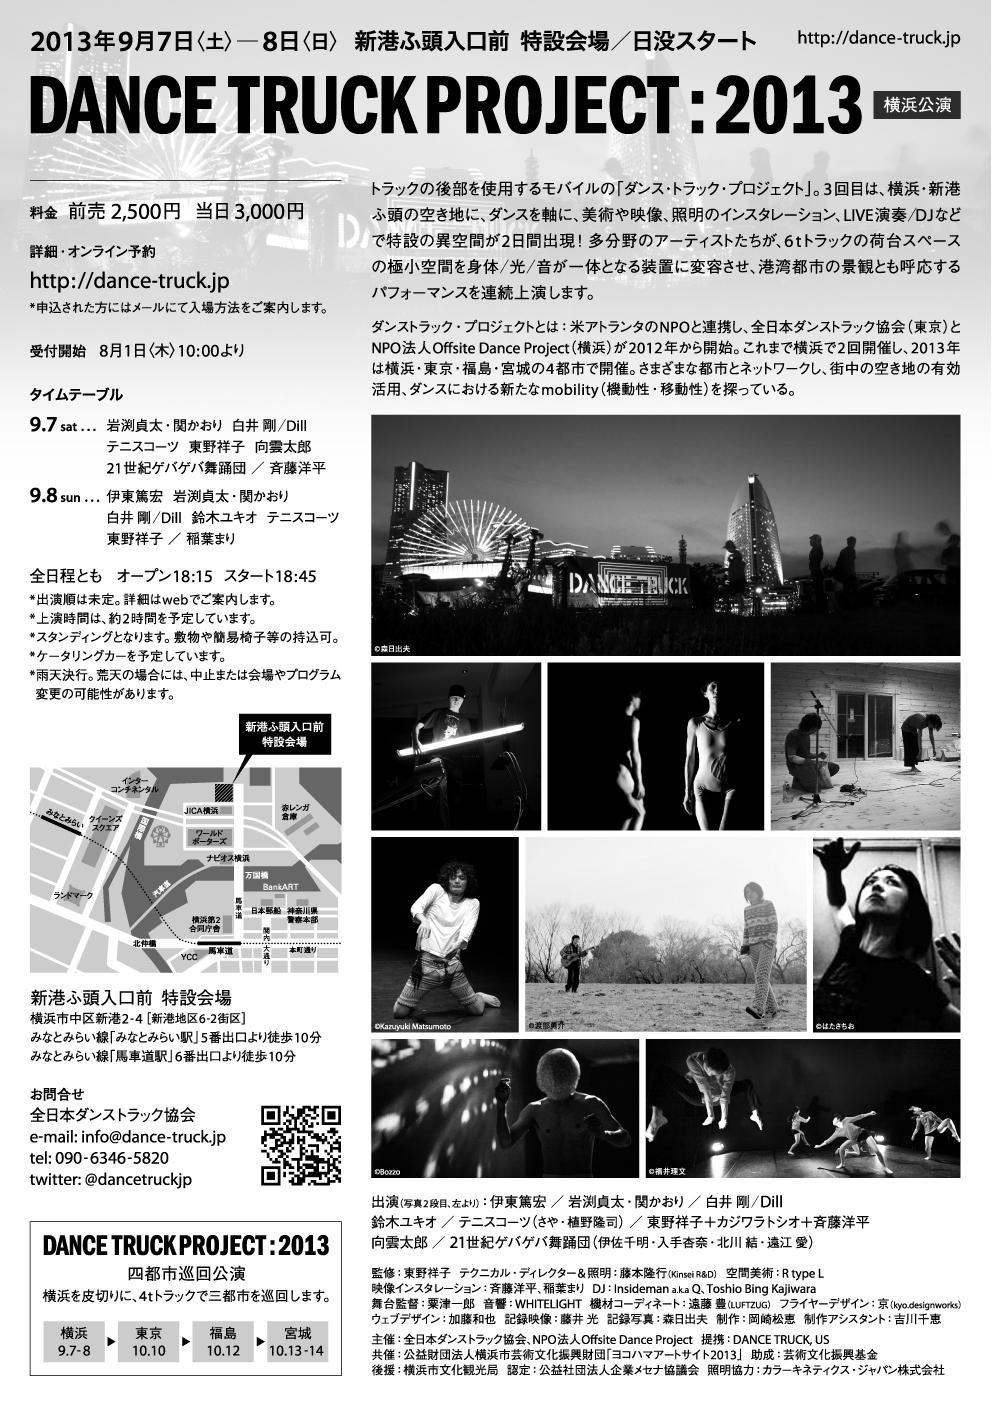 DANCE TRUCK PROJECT:2013 横浜公演 ←終了しました